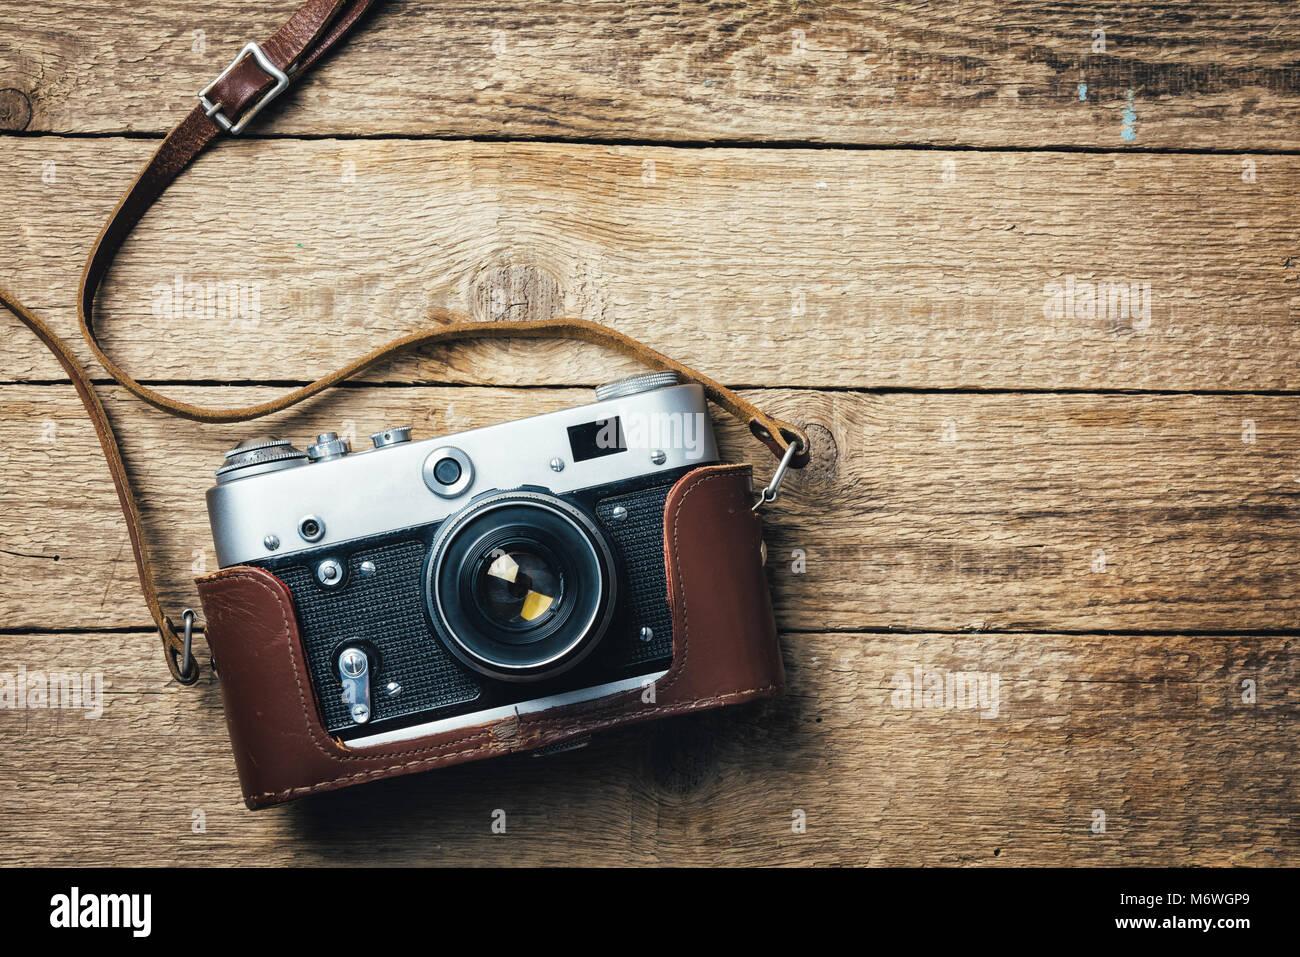 Vecchia pellicola vintage fotocamera foto Immagini Stock